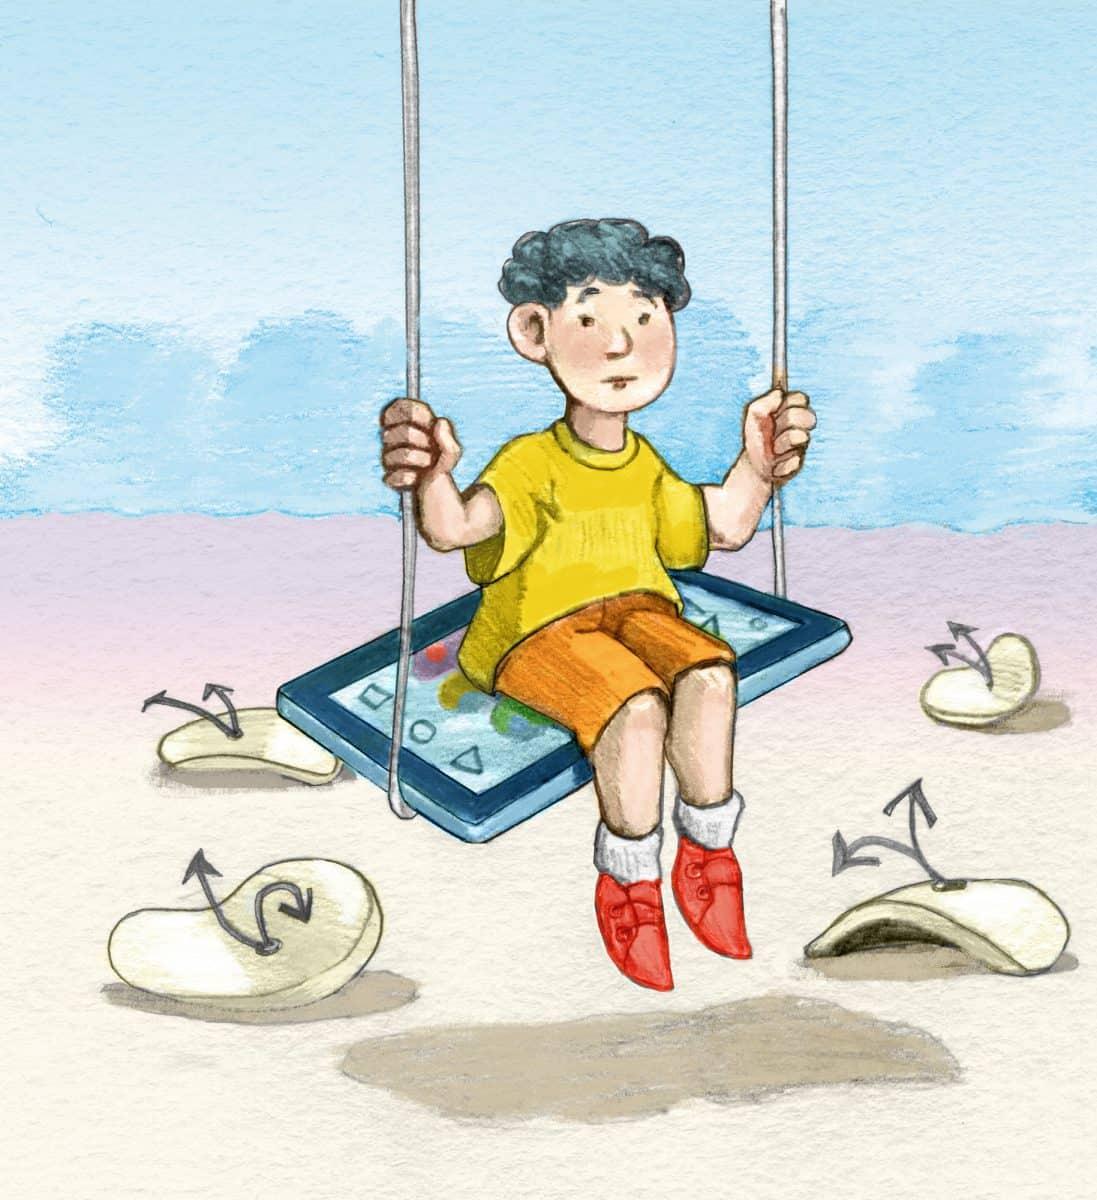 Hikikomori w szkole - pierwsze objawy mogą się później rozwinąć.